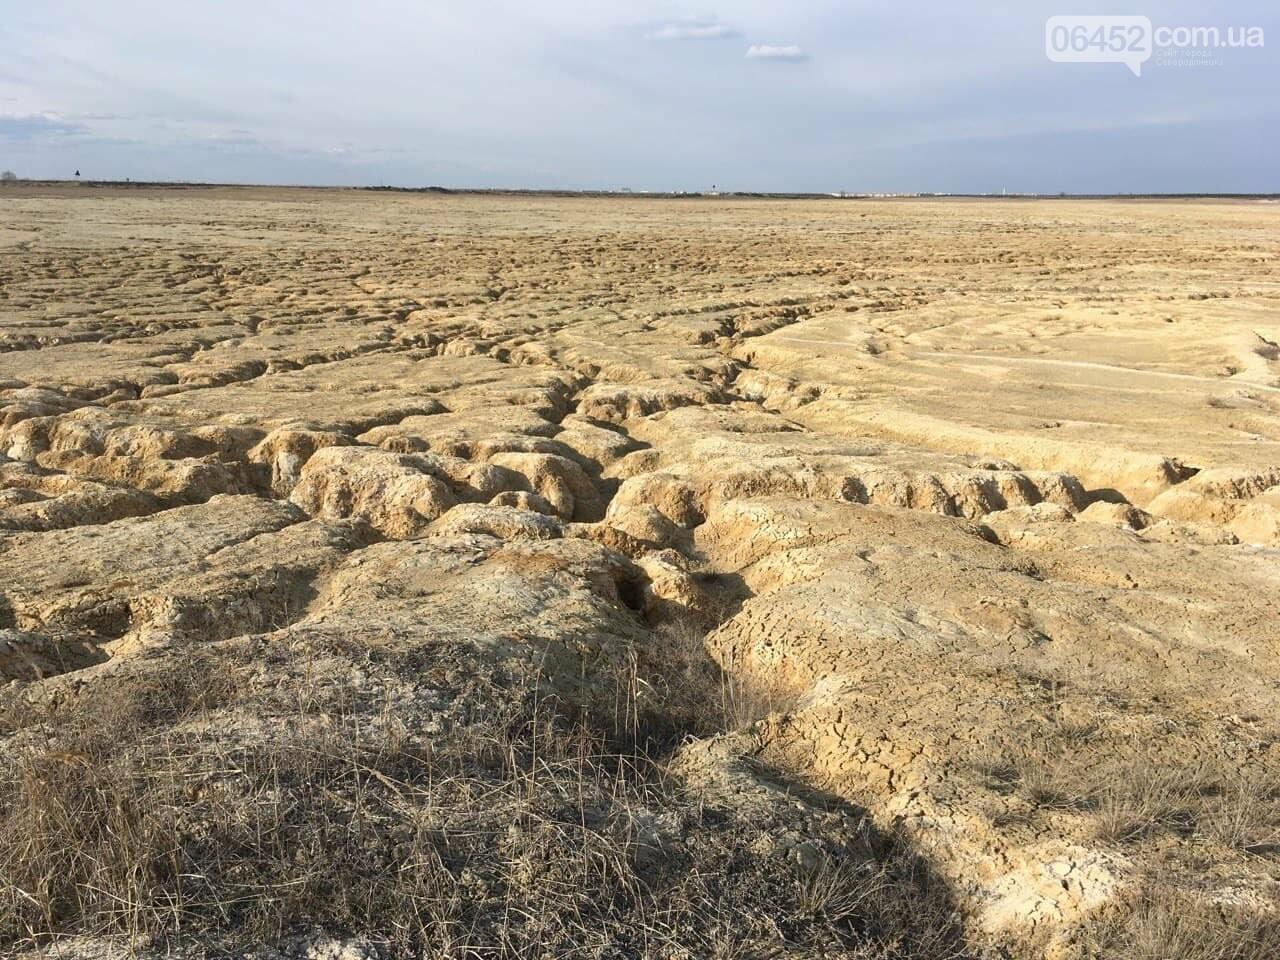 Пустынный оазис: содовый завод на Донбассе способен удивить невероятной природой, фото-3